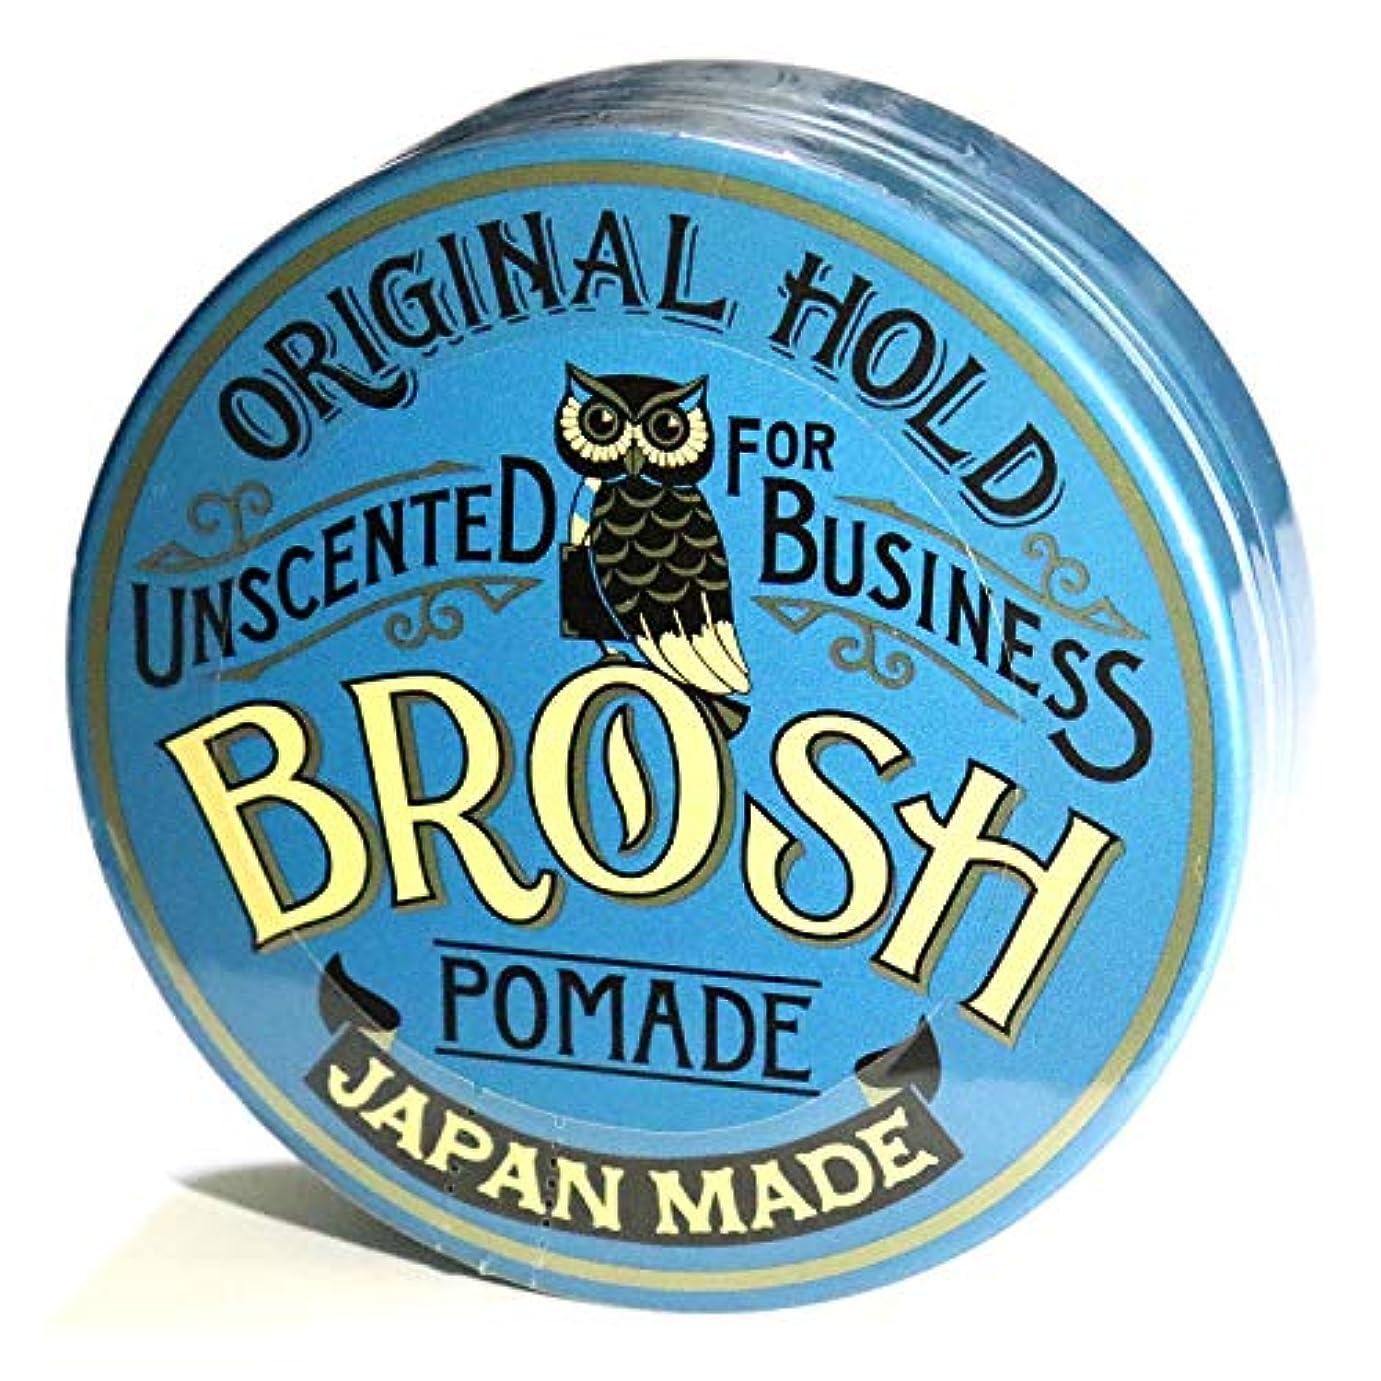 南アメリカバスルーム巻き取りBROSH (ブロッシュ) BROSH POMADE UNSCENTED/BIZ 115g 水性ポマード 整髪料 無香料